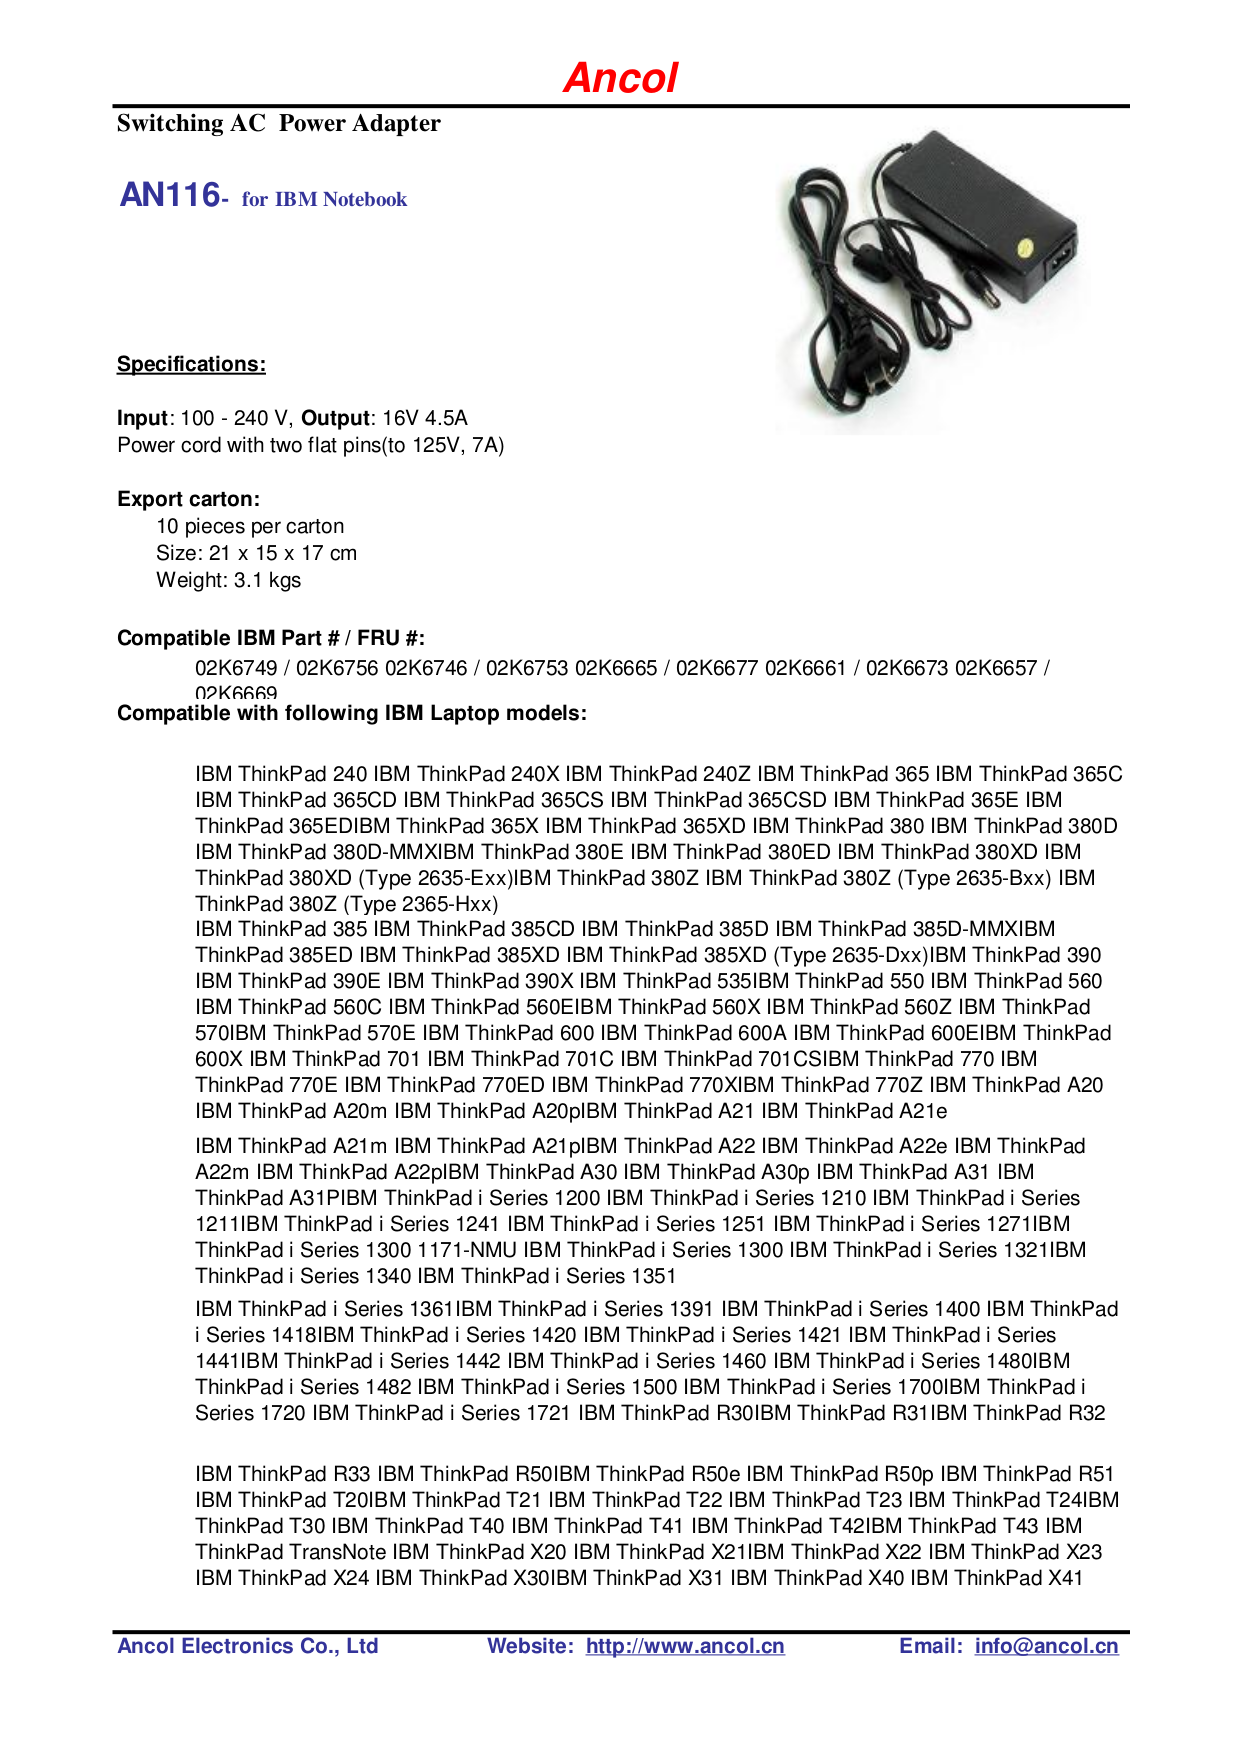 pdf for IBM Laptop ThinkPad X23 manual